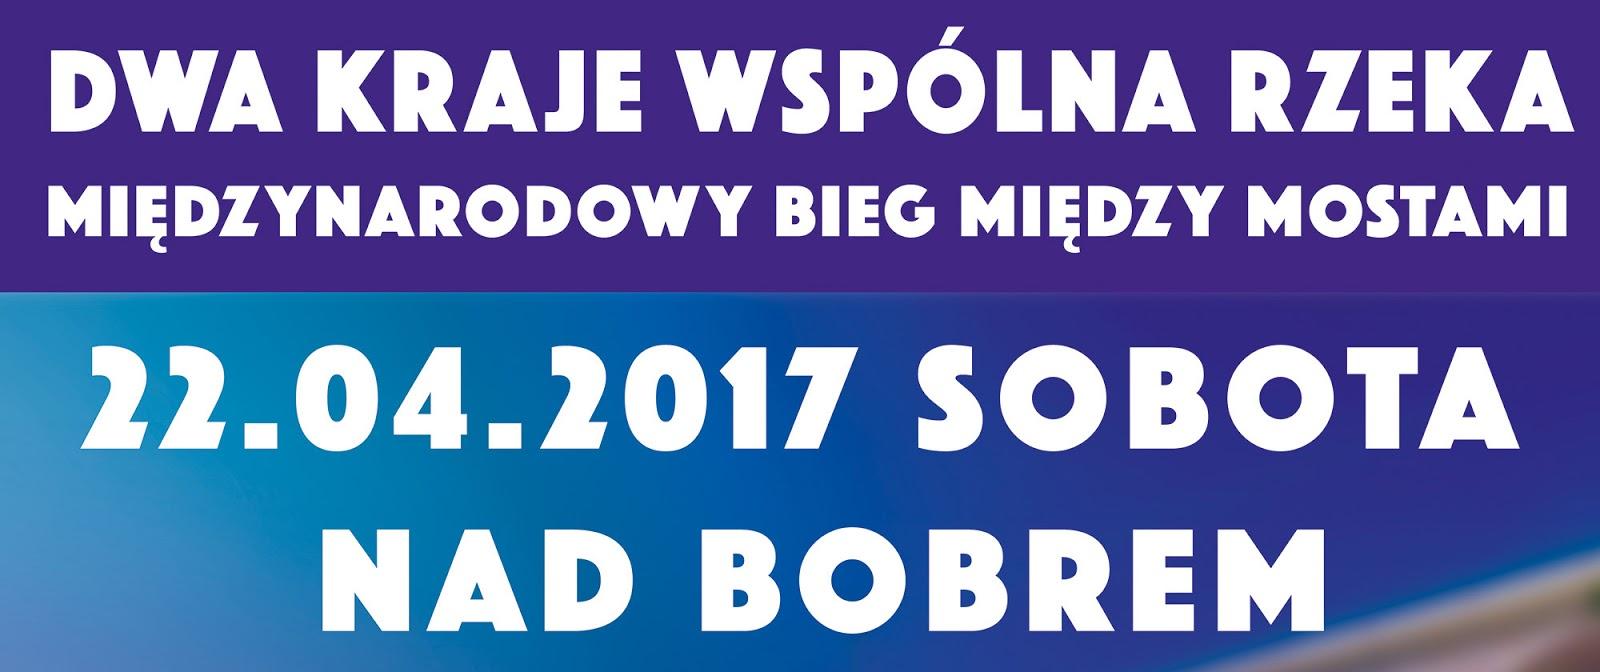 http://mosirboleslawiec.blogspot.com/2017/04/miedzynarodowy-bieg-miedzy-mostami.html